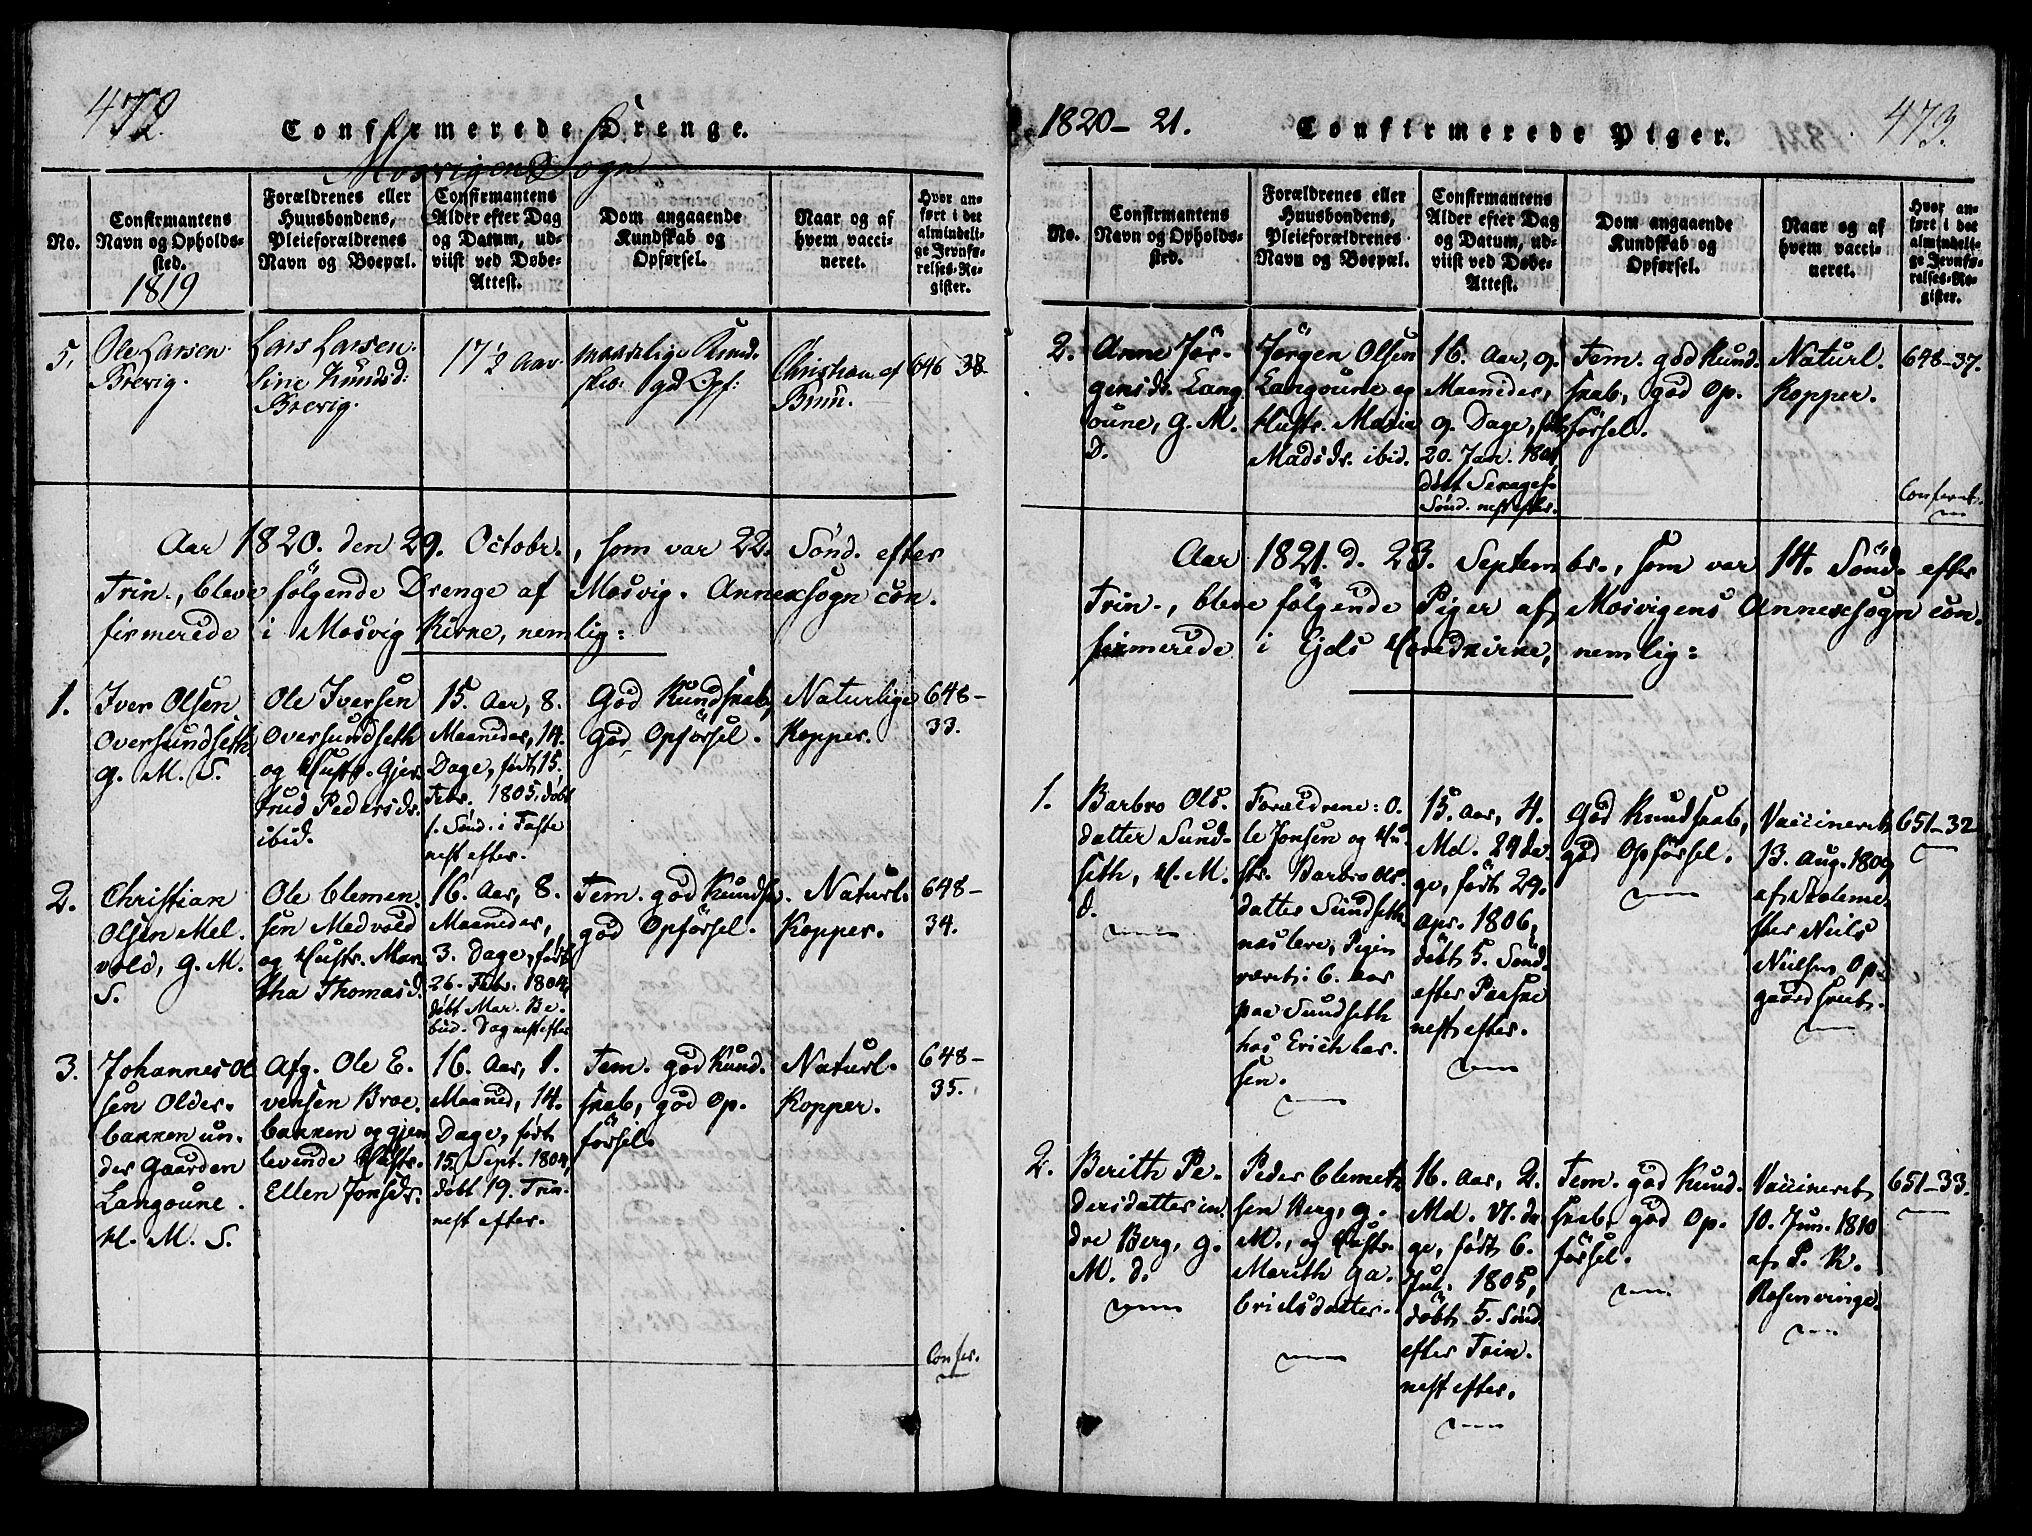 SAT, Ministerialprotokoller, klokkerbøker og fødselsregistre - Nord-Trøndelag, 733/L0322: Ministerialbok nr. 733A01, 1817-1842, s. 472-473